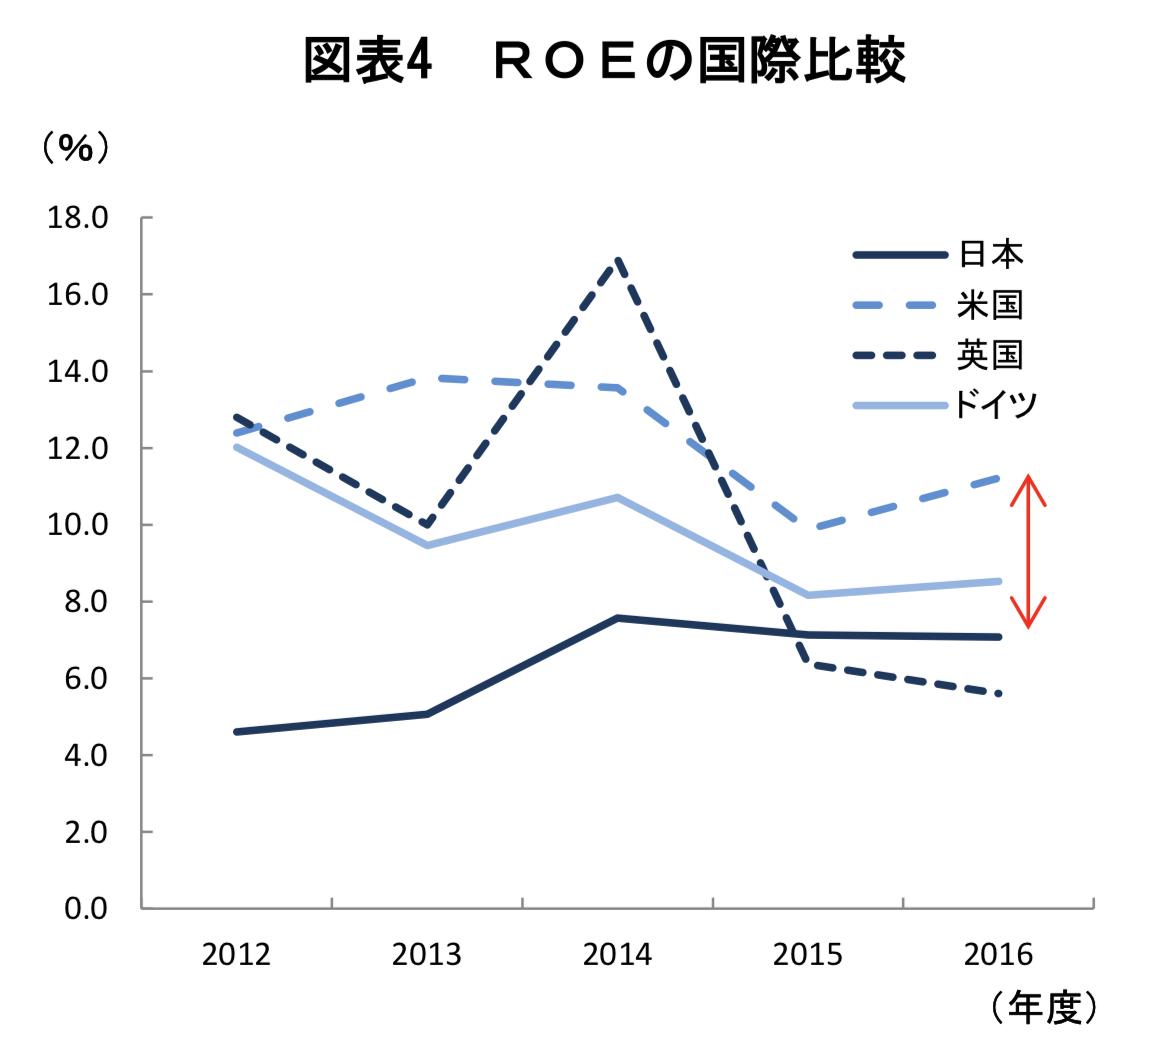 日米のROE比較